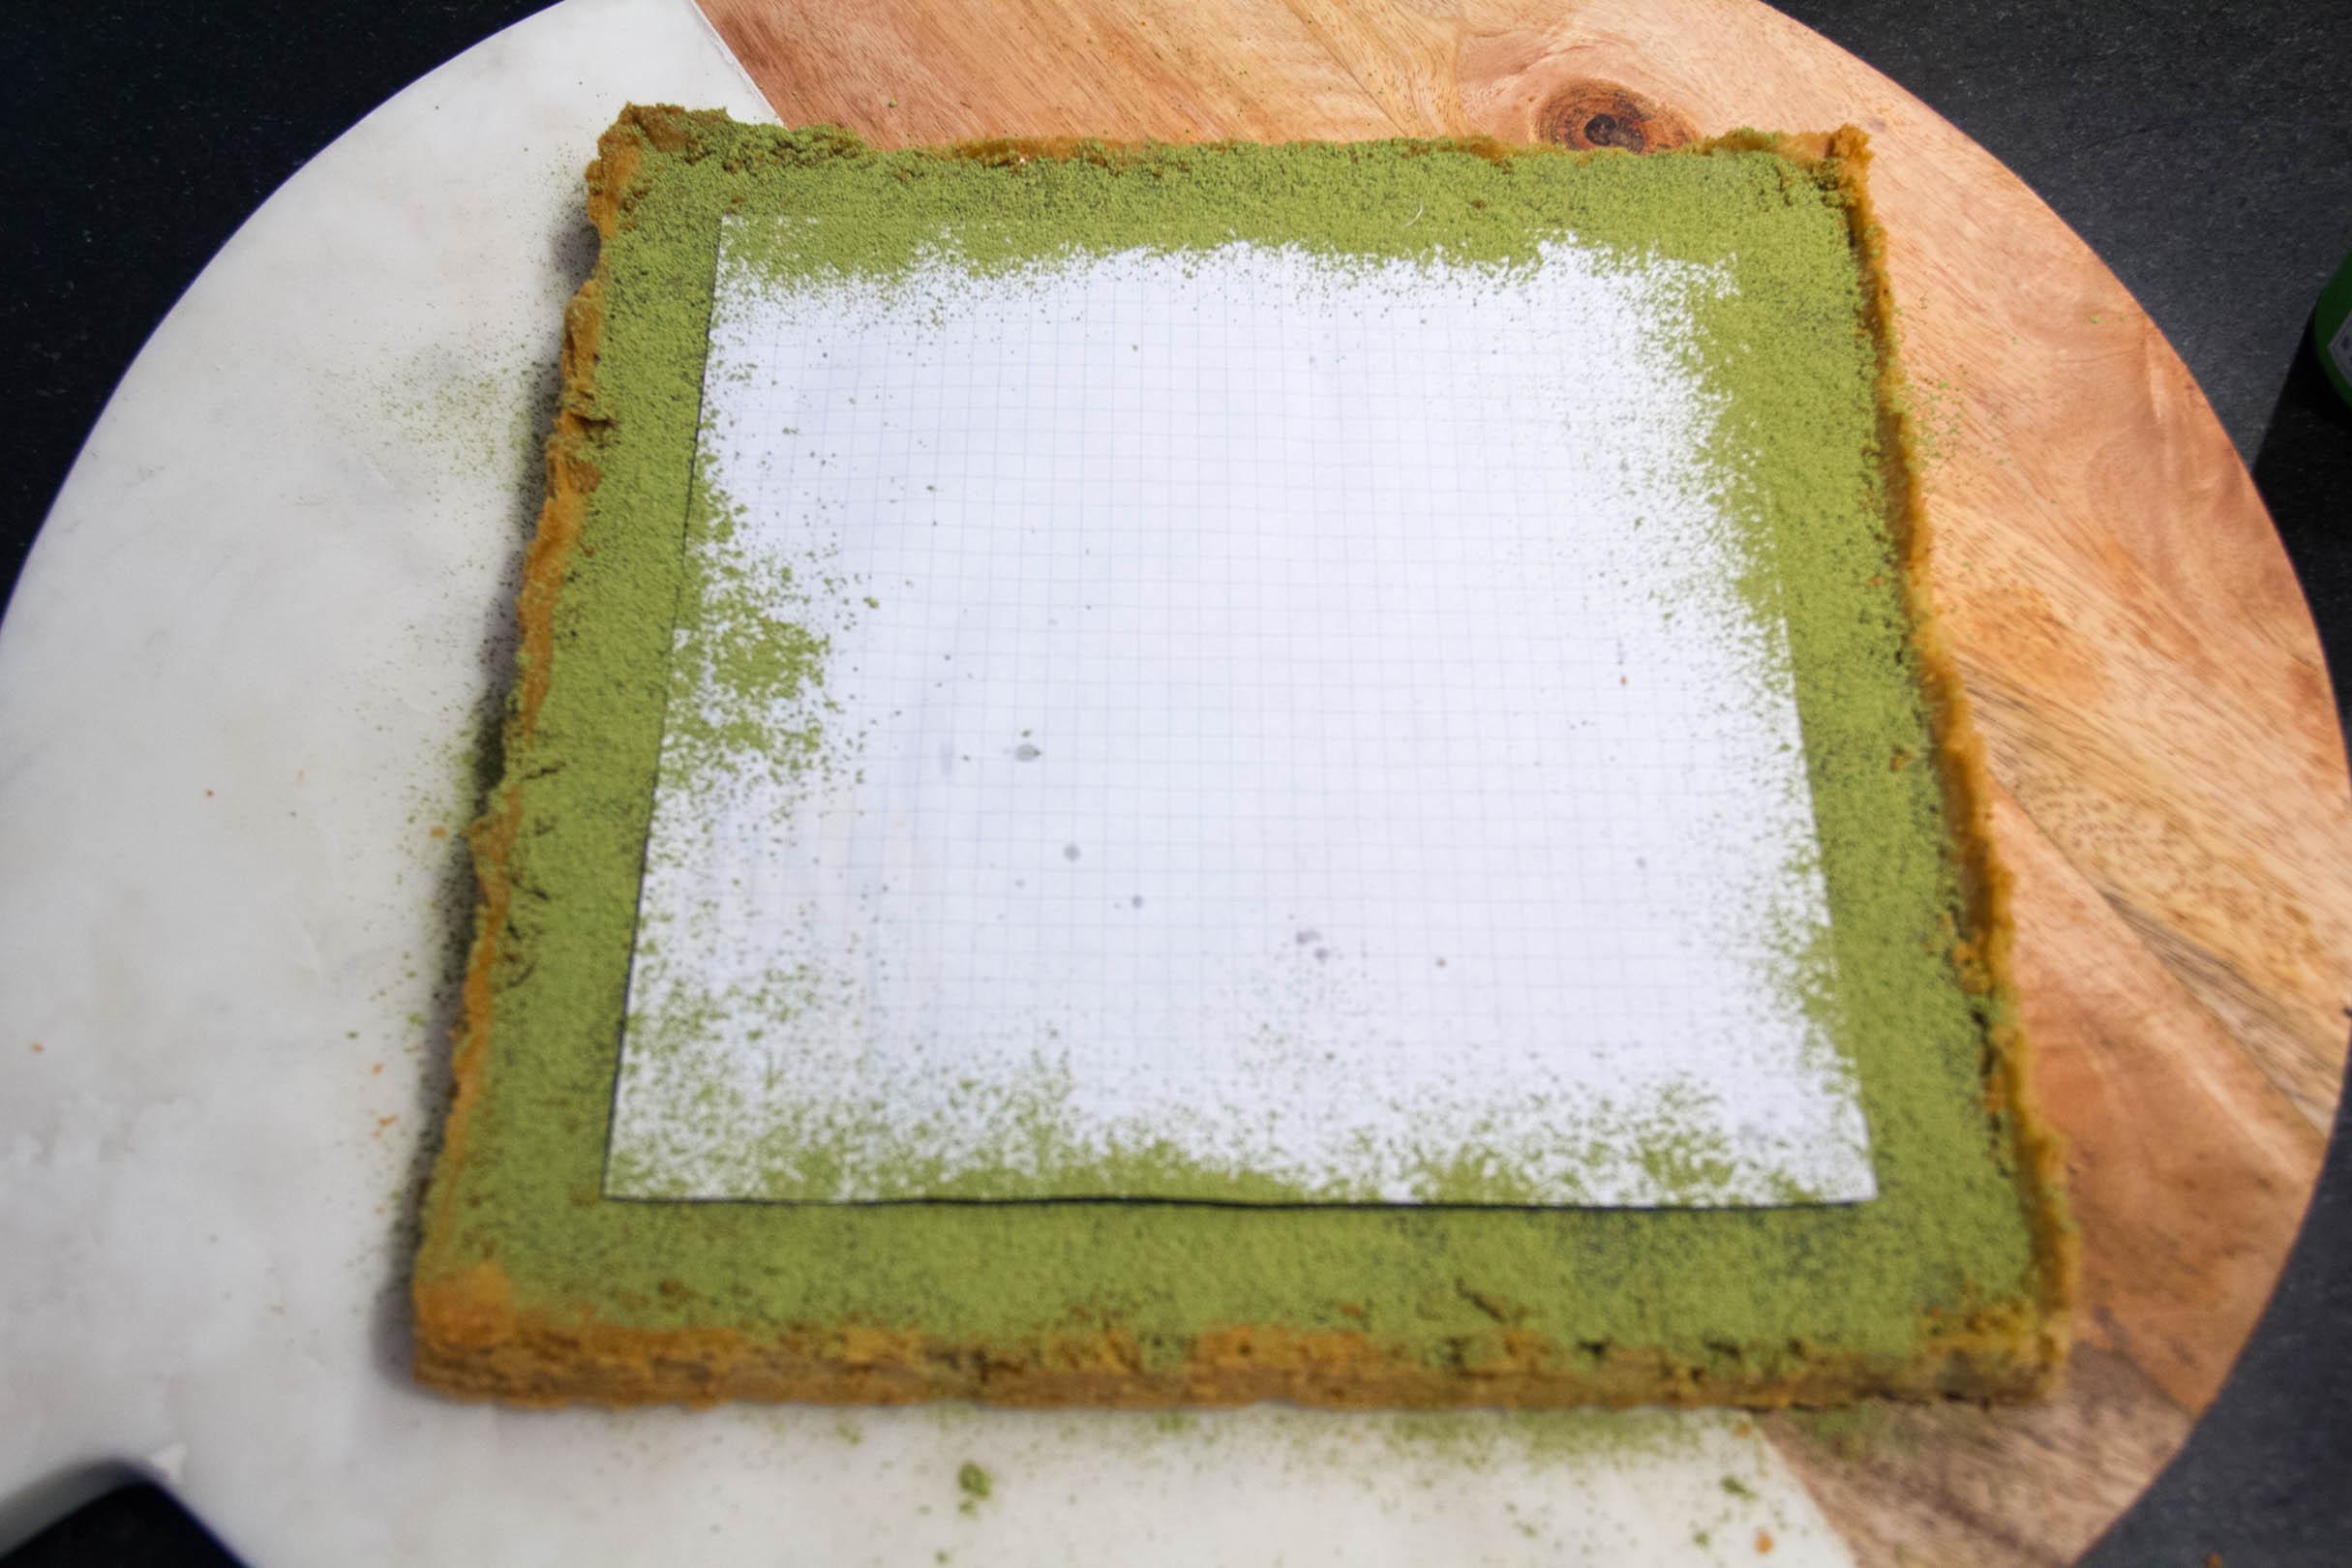 Saupoudrez tout autour de la feuille du thé matcha